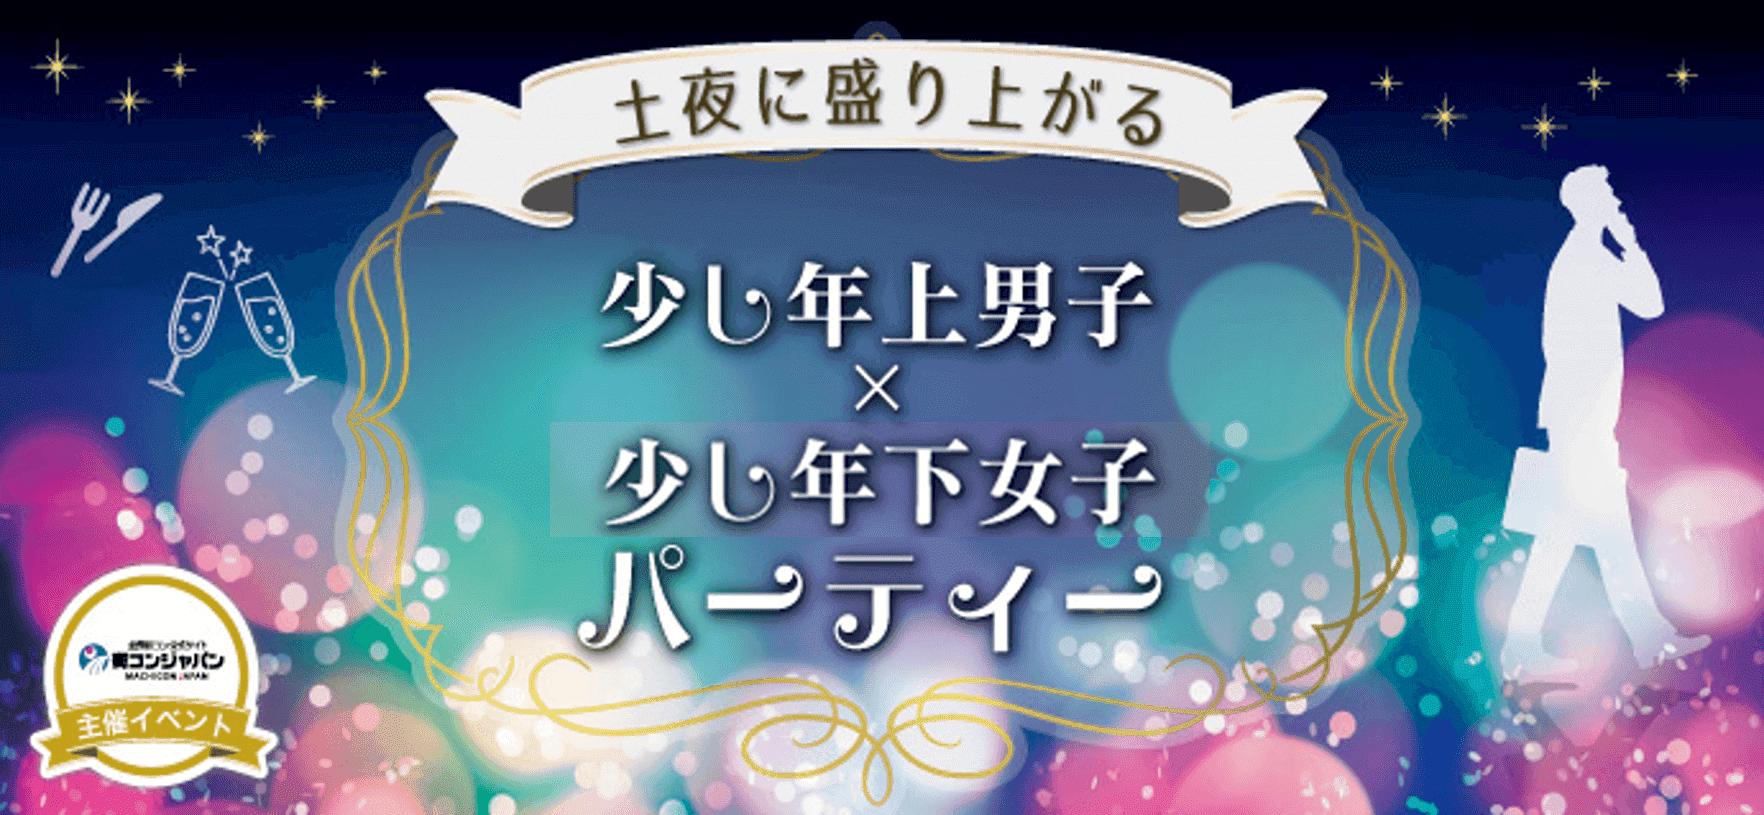 【三宮・元町の恋活パーティー】街コンジャパン主催 2017年5月13日